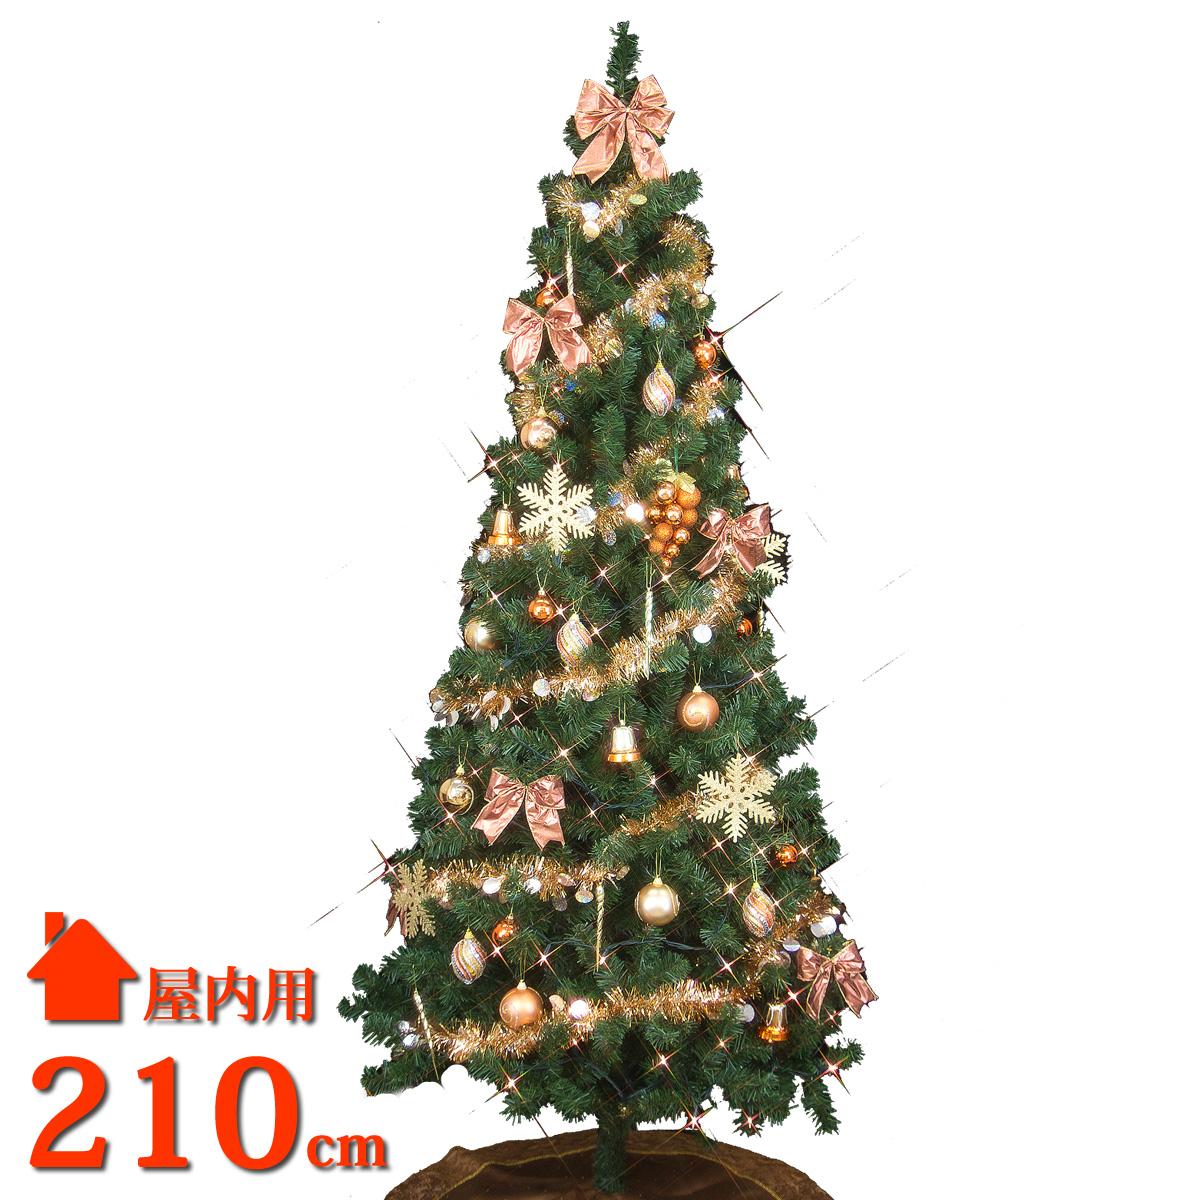 クリスマスツリー 210cm LED ツリーセット ゴールド&コパー オーナメント付きクリスマスツリー 北欧 おしゃれ 【10月下旬入荷予定】